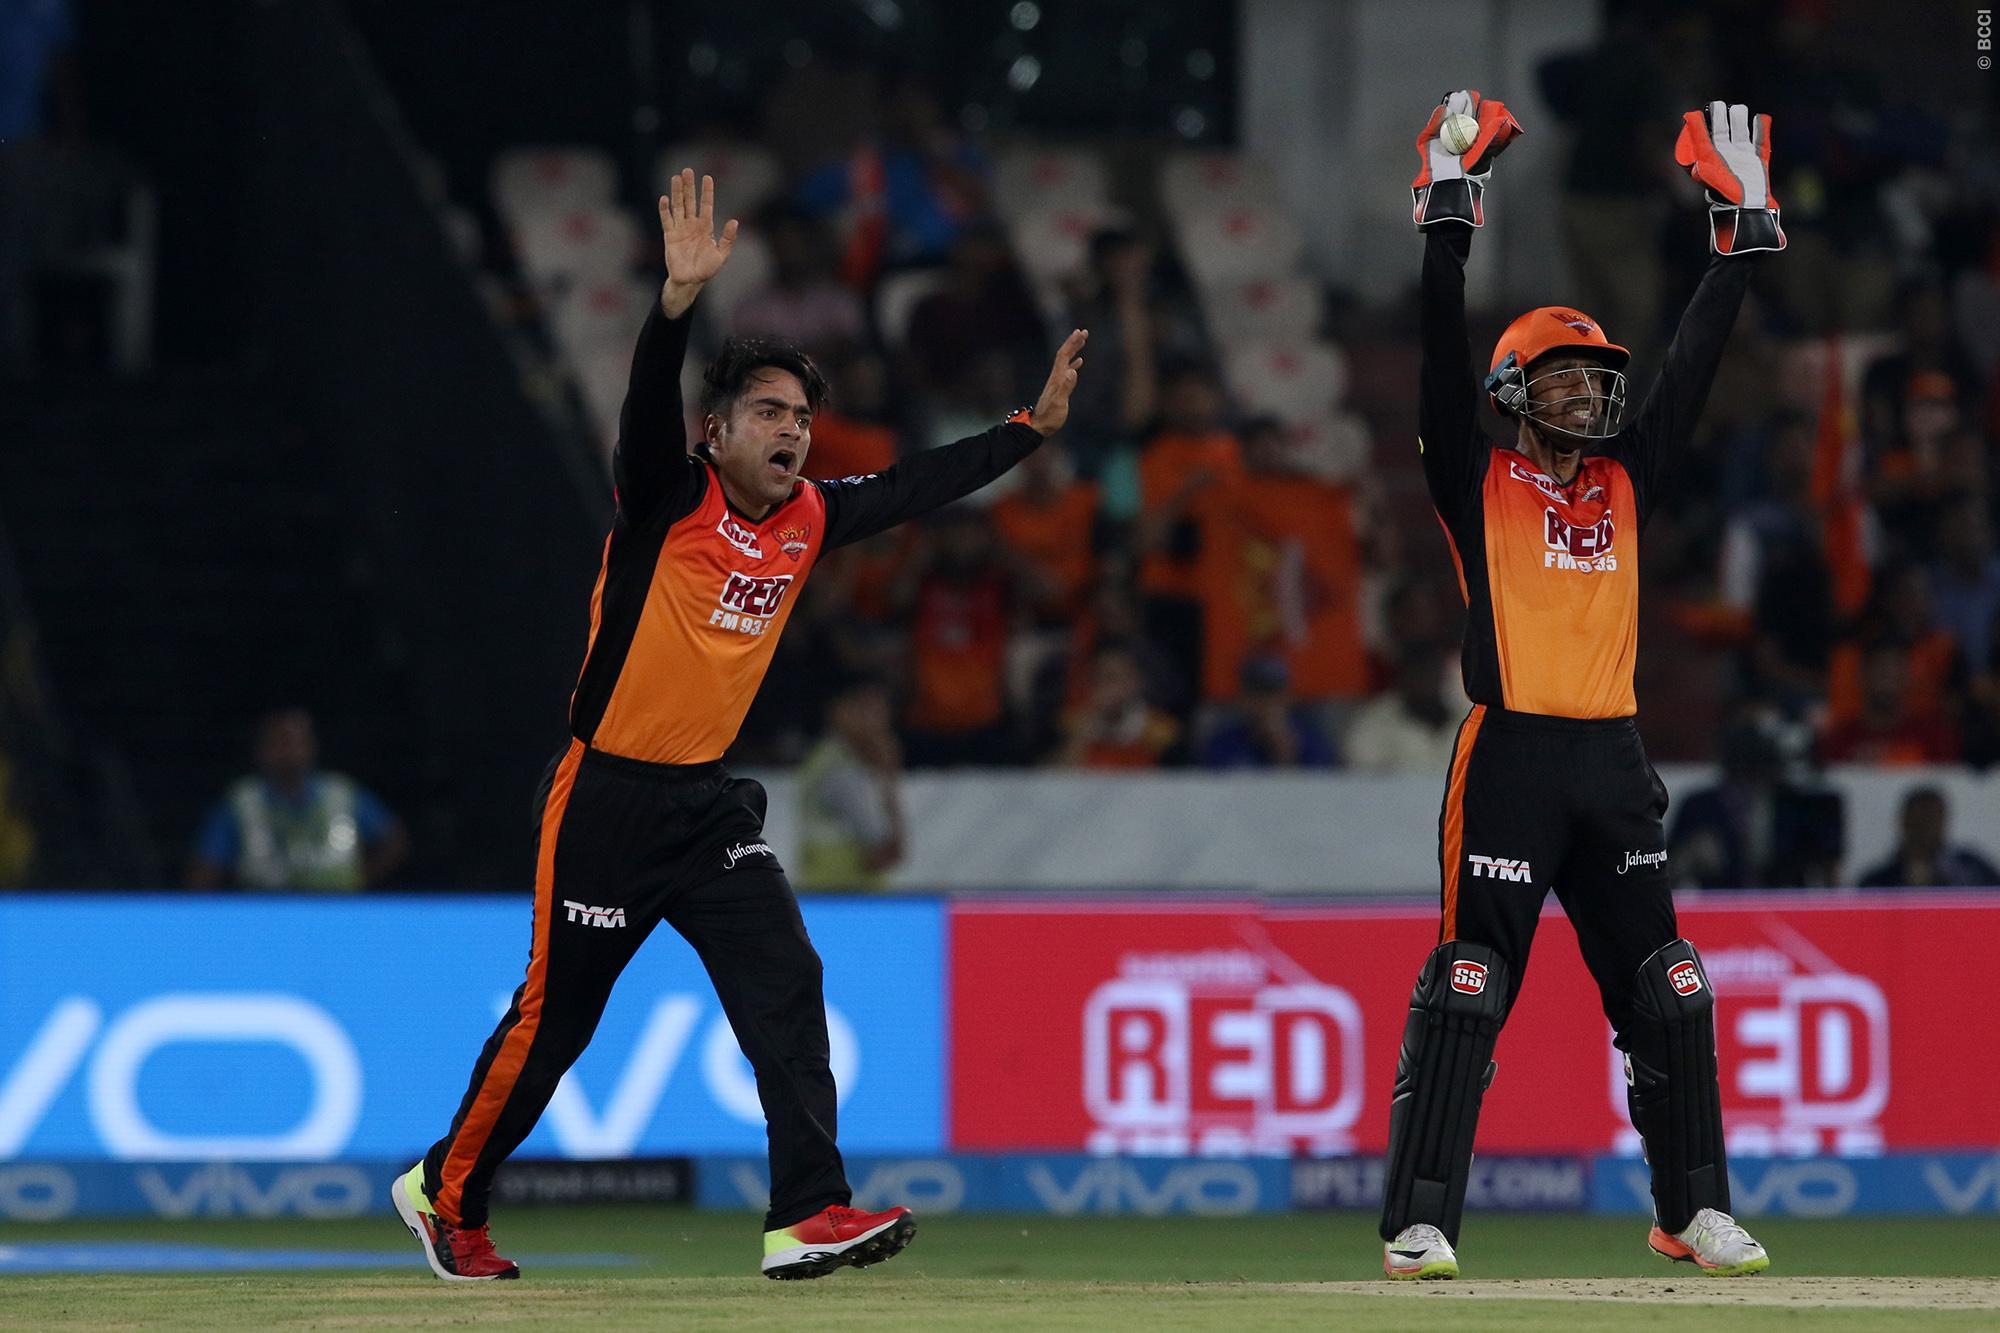 SRH VS RR - हैदराबाद की जीत के बाद राशिद खान ने खोला राज, इस भारतीय खिलाड़ी से सीखी है गुगली डालना 35